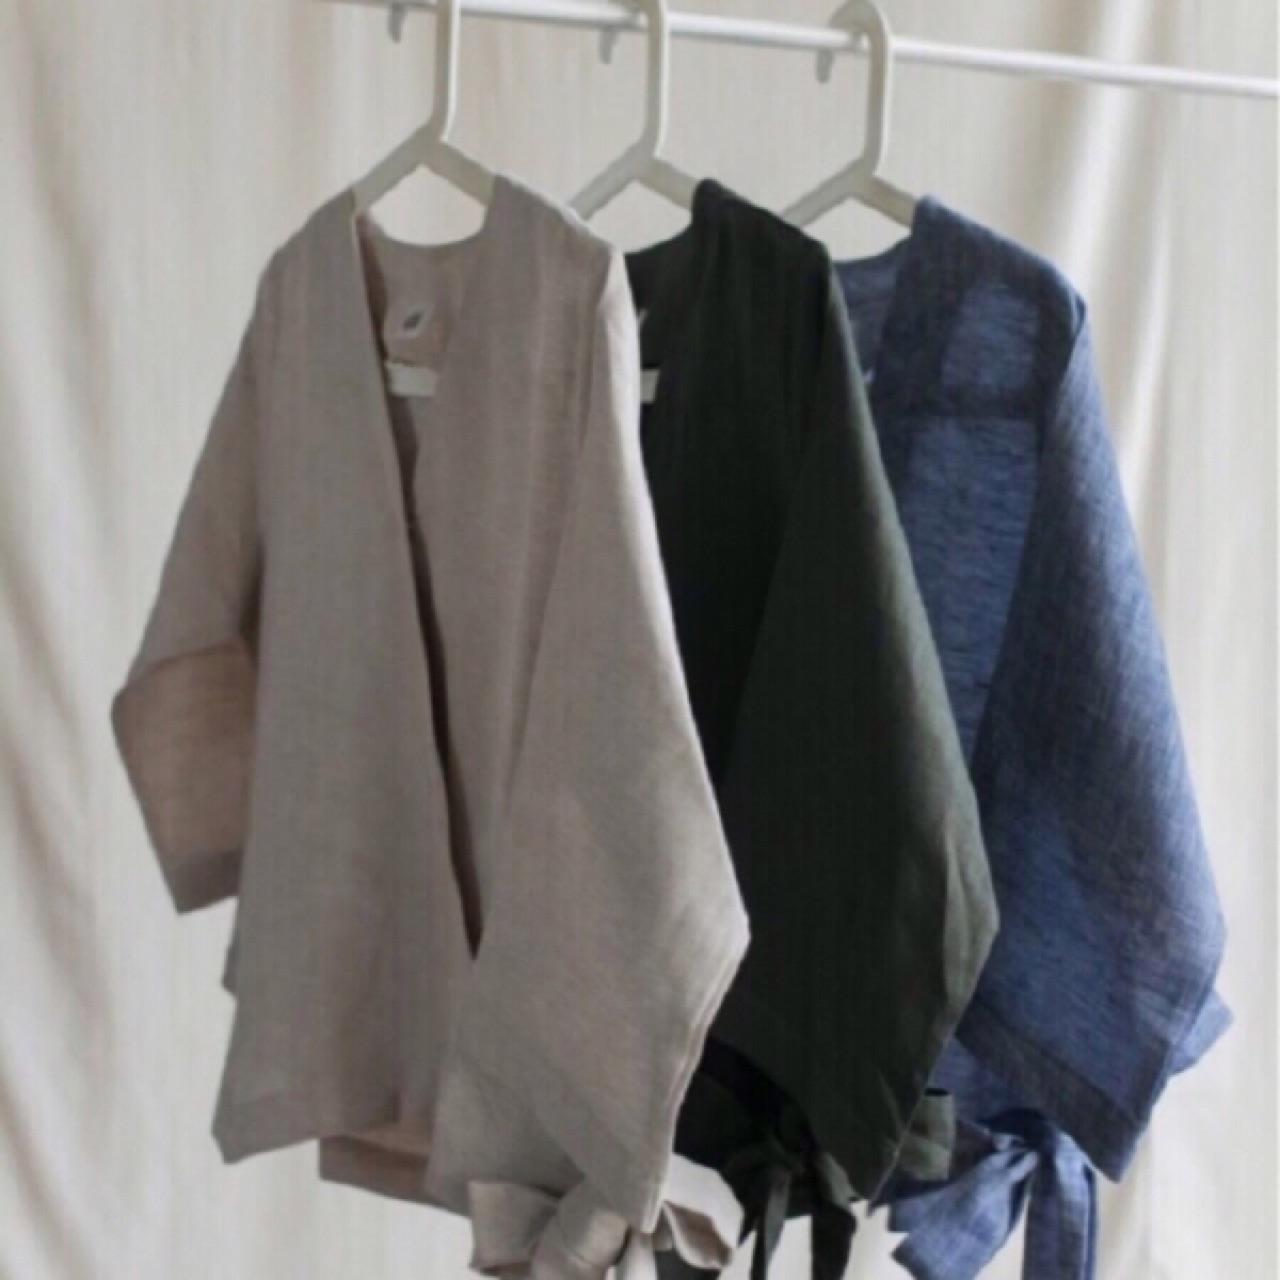 เสื้อผ้าผู้หญิง,เสื้อผู้หญิง,เสื้อแขนยาว,เสื้อผูกเอว,ผูกเอว,เสื้อคอวี